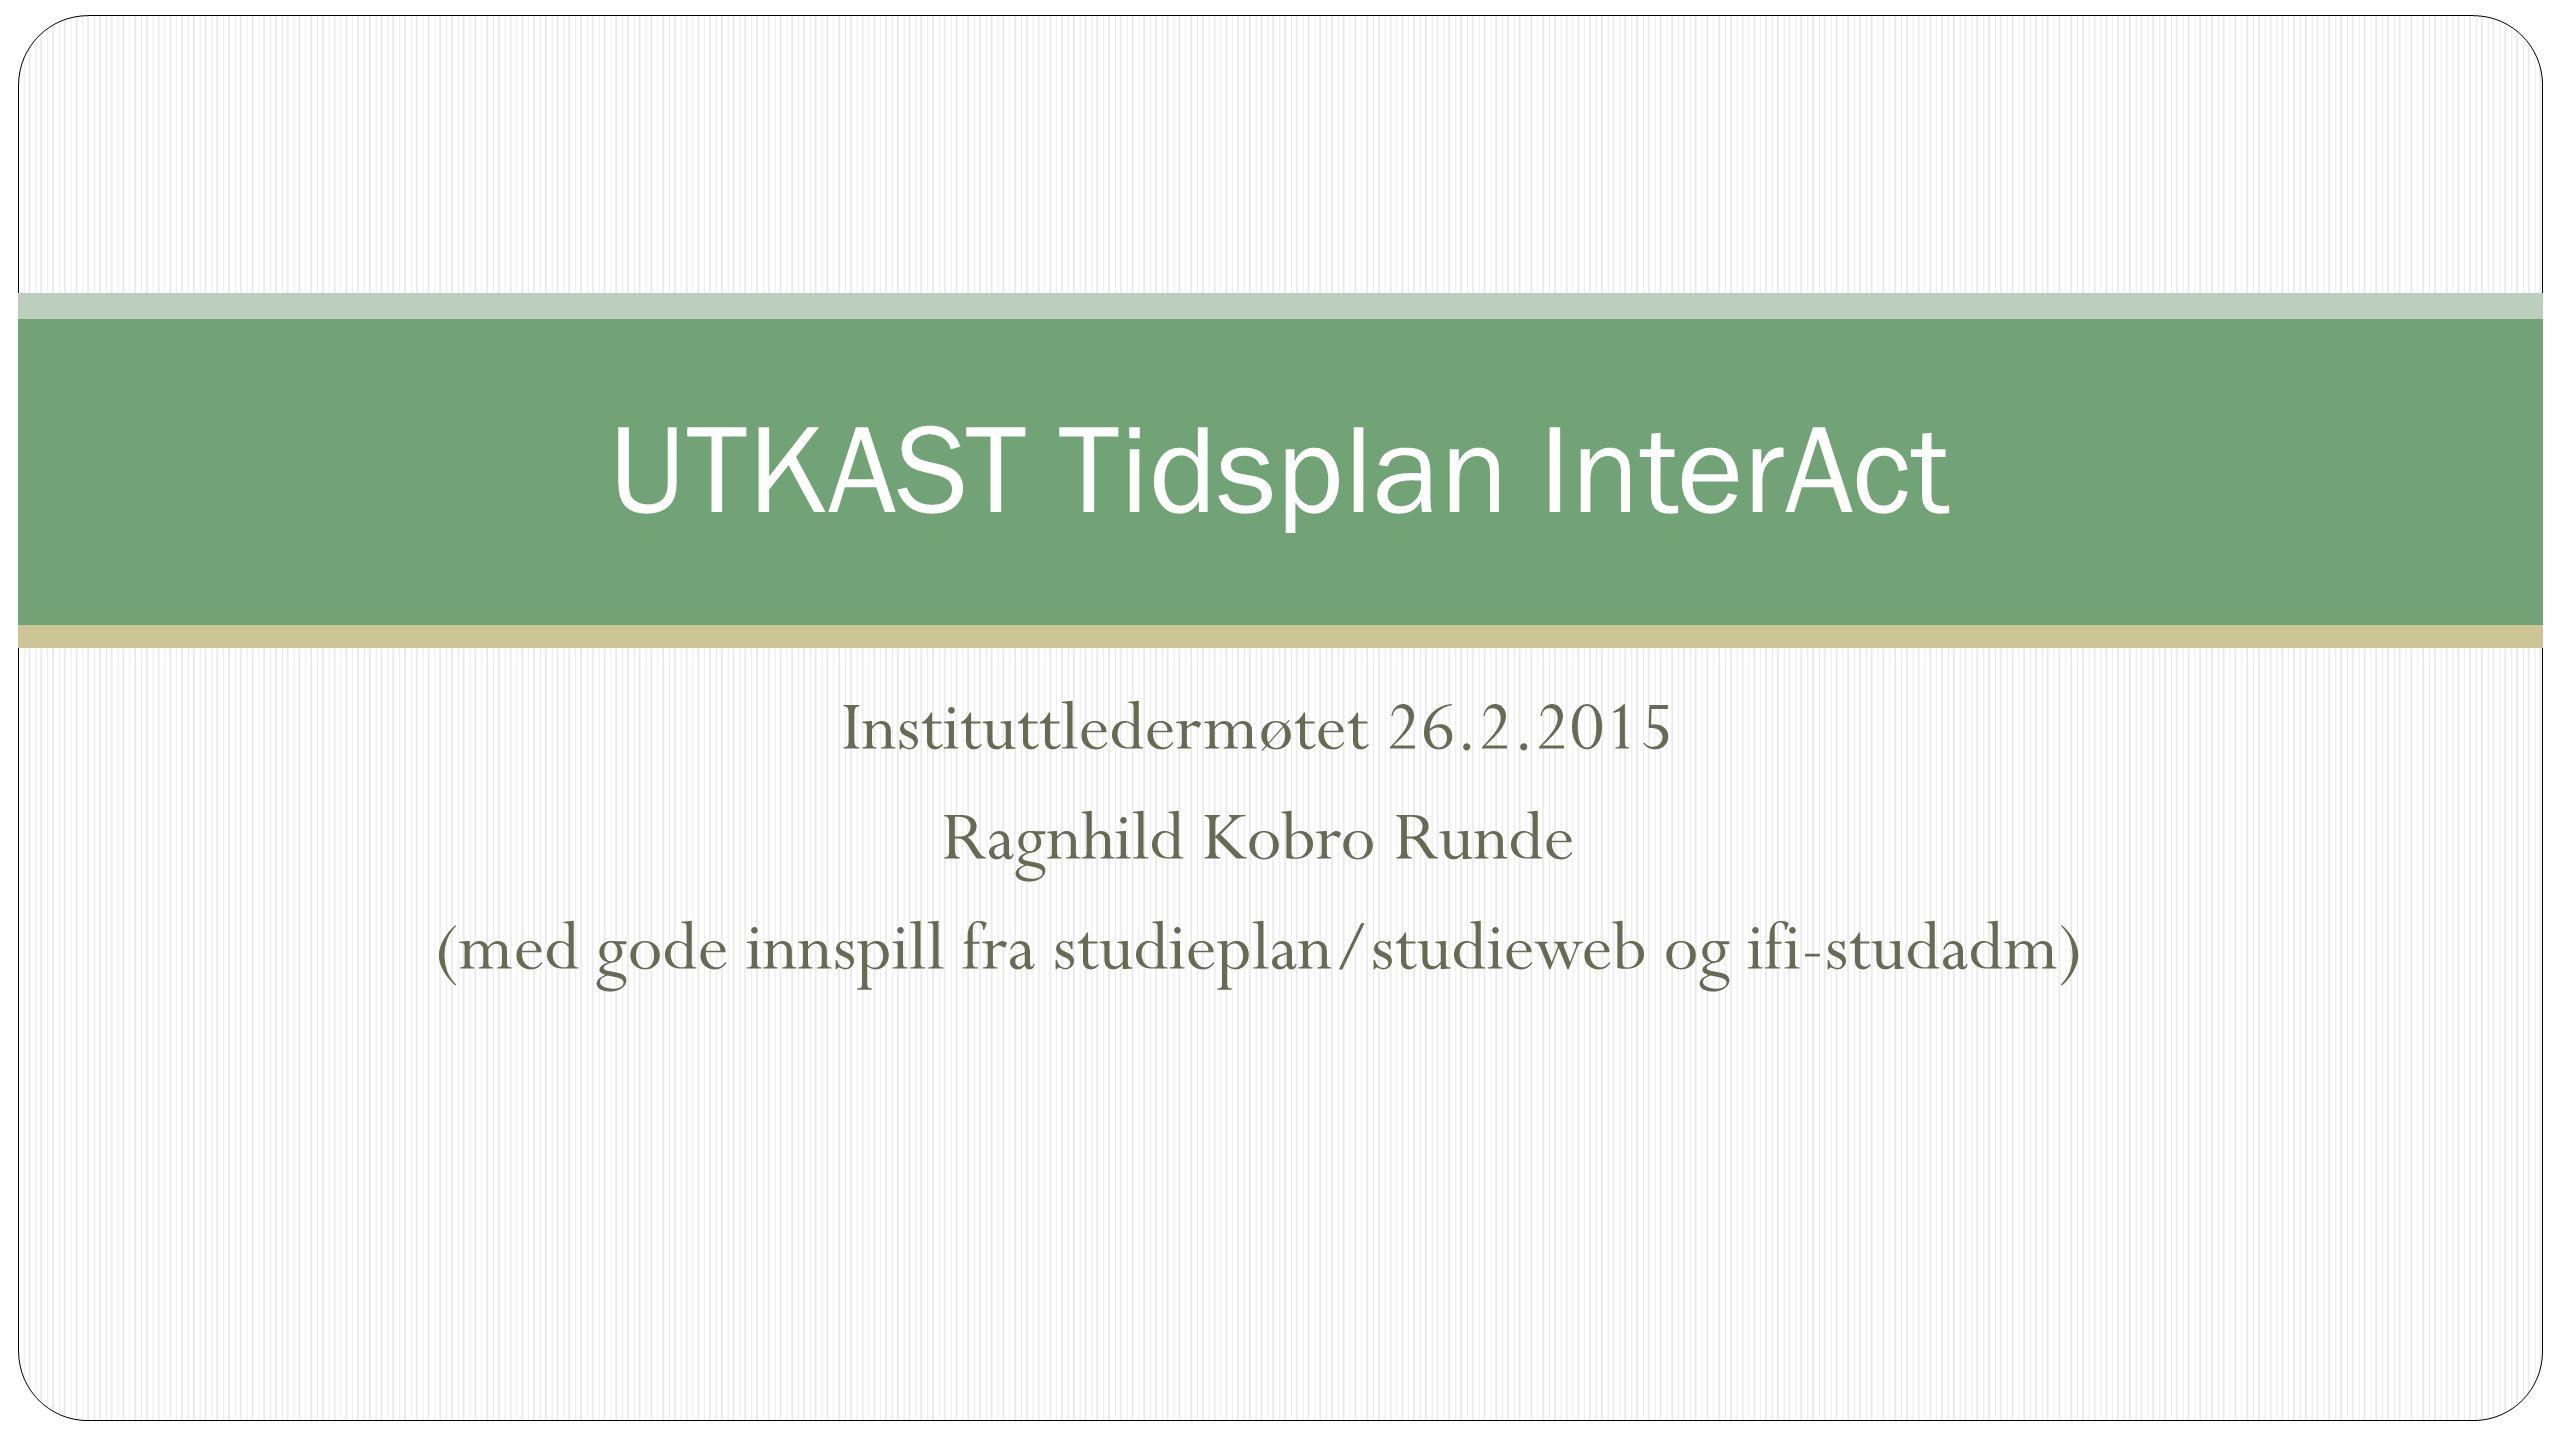 Instituttledermøtet 26.2.2015 Ragnhild Kobro Runde (med gode innspill fra studieplan/studieweb og ifi-studadm) UTKAST Tidsplan InterAct